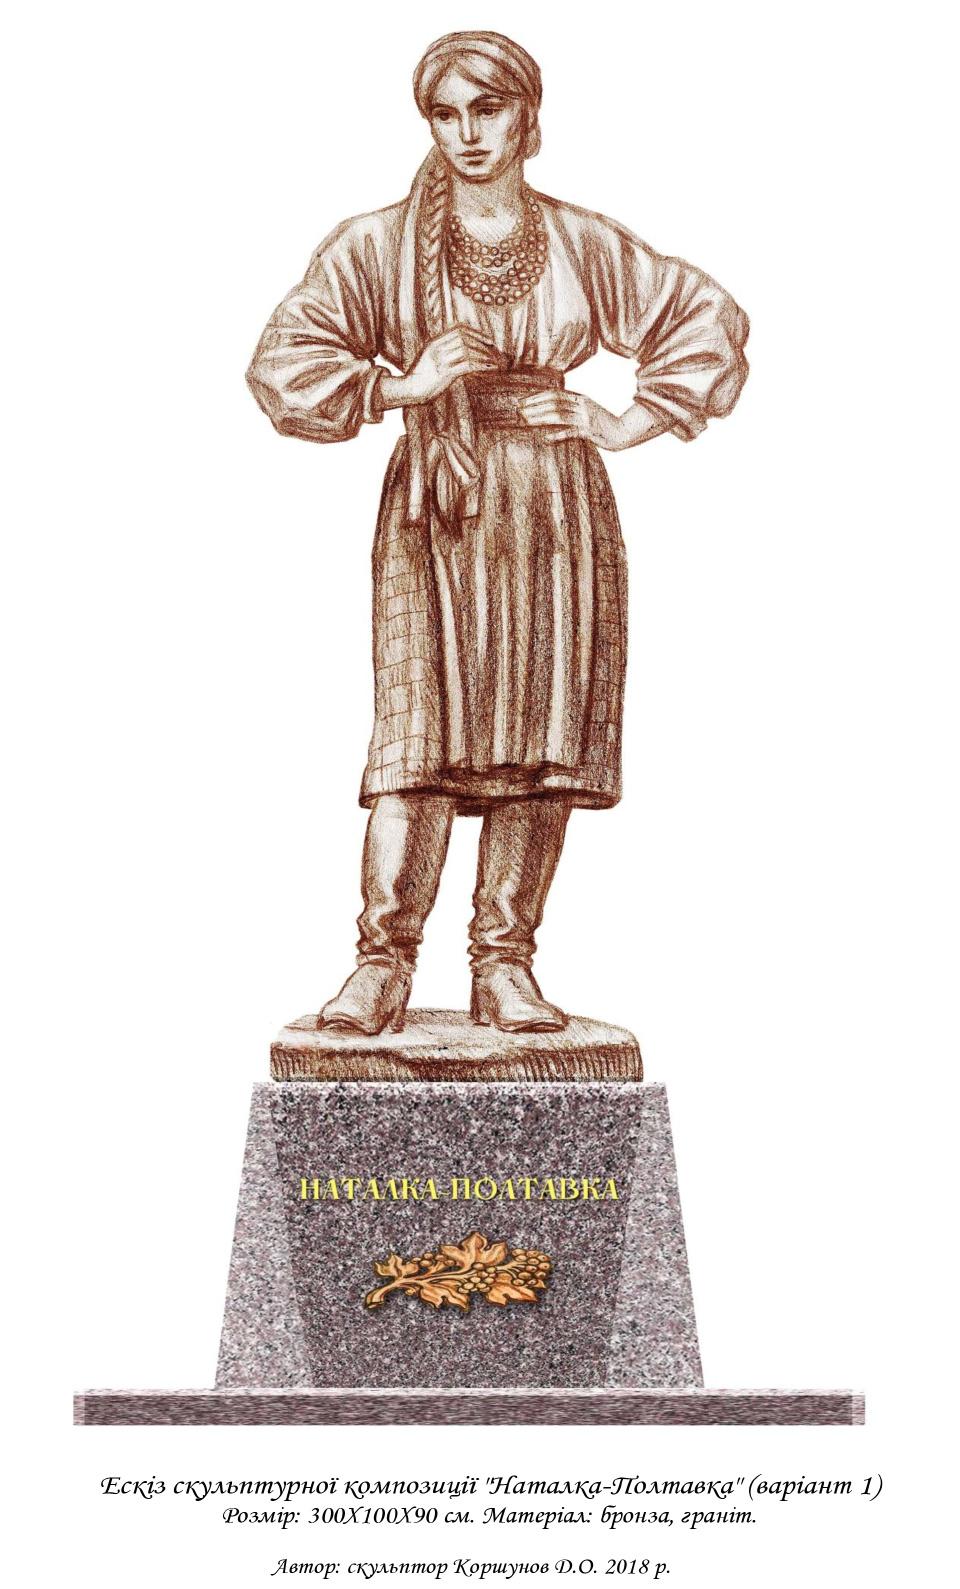 № 11. Ескіз скульптурної композиції «Наталка Полтавка» Автор: скульптор Коршунов Д.